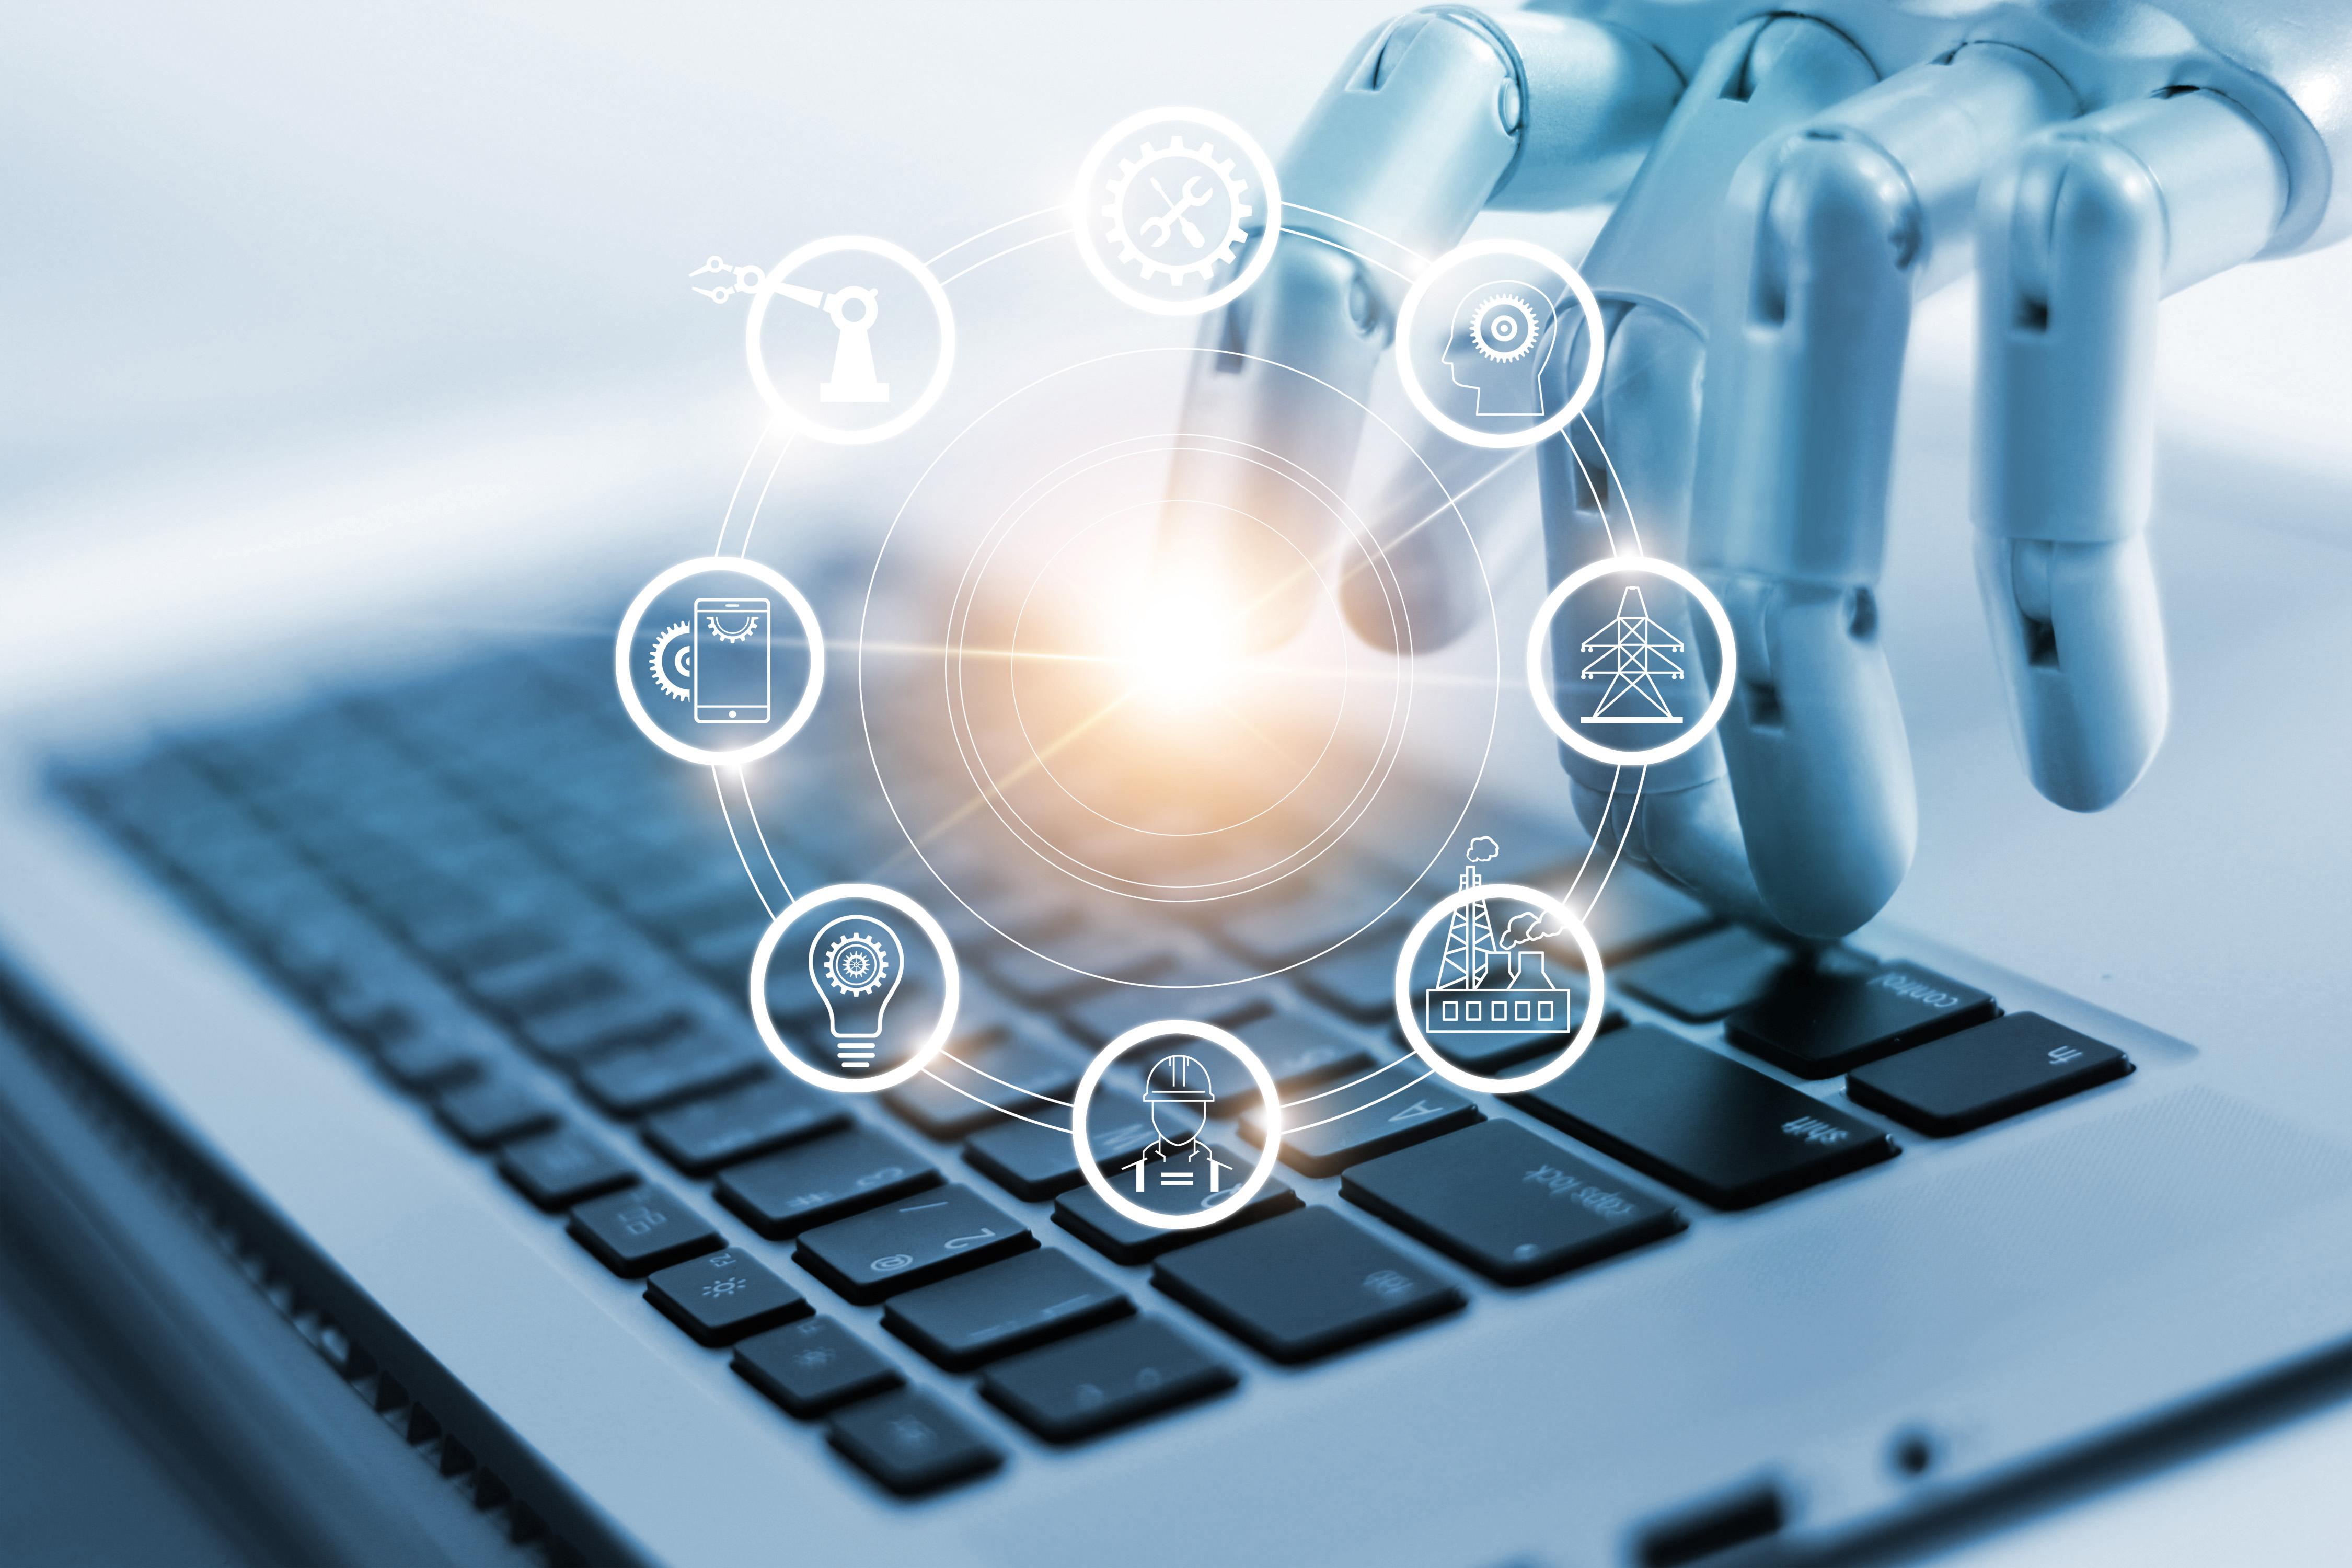 Las nuevas demandas de los clientes automatización e Inteligencia Artificial